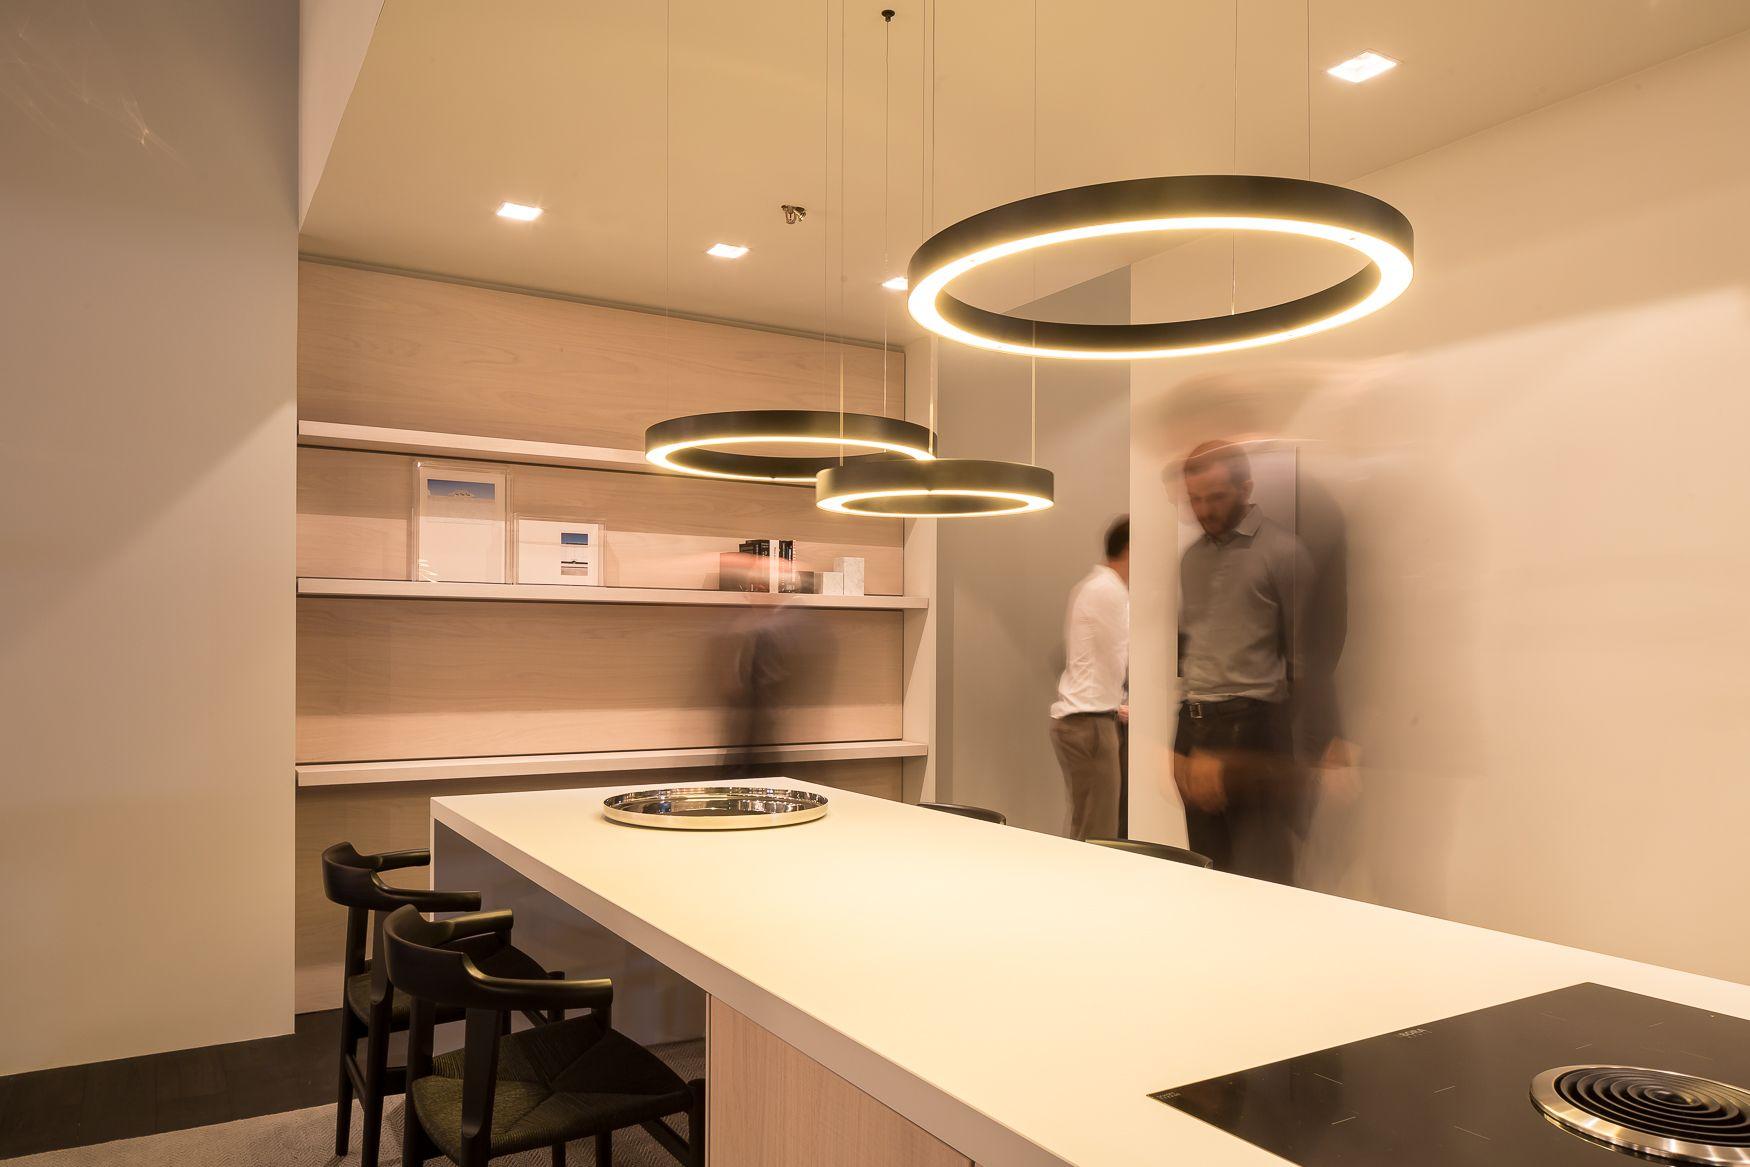 Pin Van Bulthaup Belux Op Interieur Kortrijk Verlichting Interieur Lampen